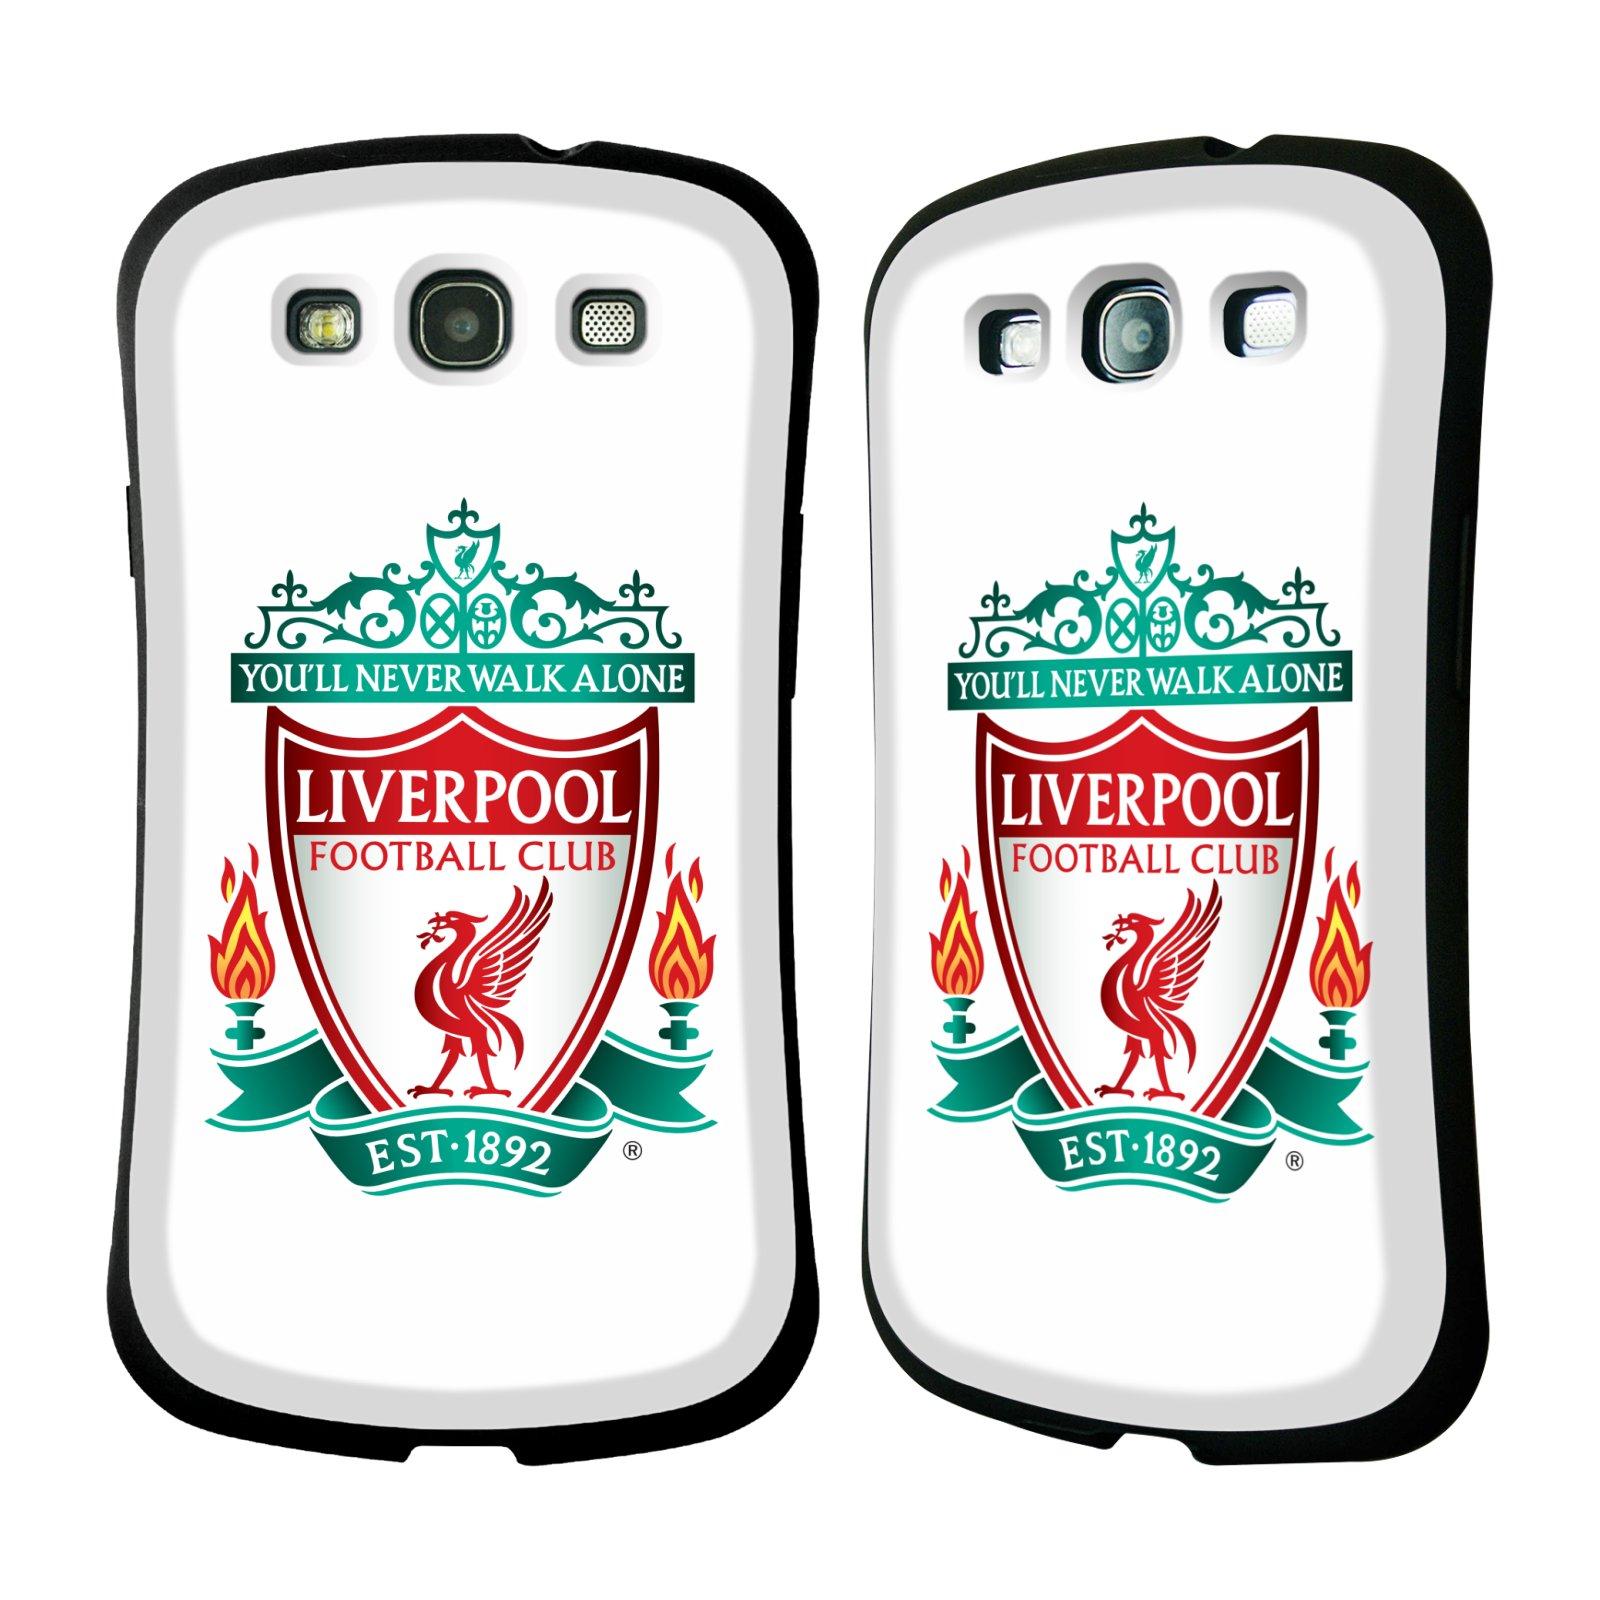 Nárazuvzdorné Plastové pouzdro na mobil Samsung Galaxy S3 Neo HEAD CASE ZNAK LIVERPOOL FC OFFICIAL WHITE (Odolný nárazuvzdorný silikonový kryt či obal na mobilní telefon Liverpool FC Official pro Samsung Galaxy S3 Neo GT-i9301i)